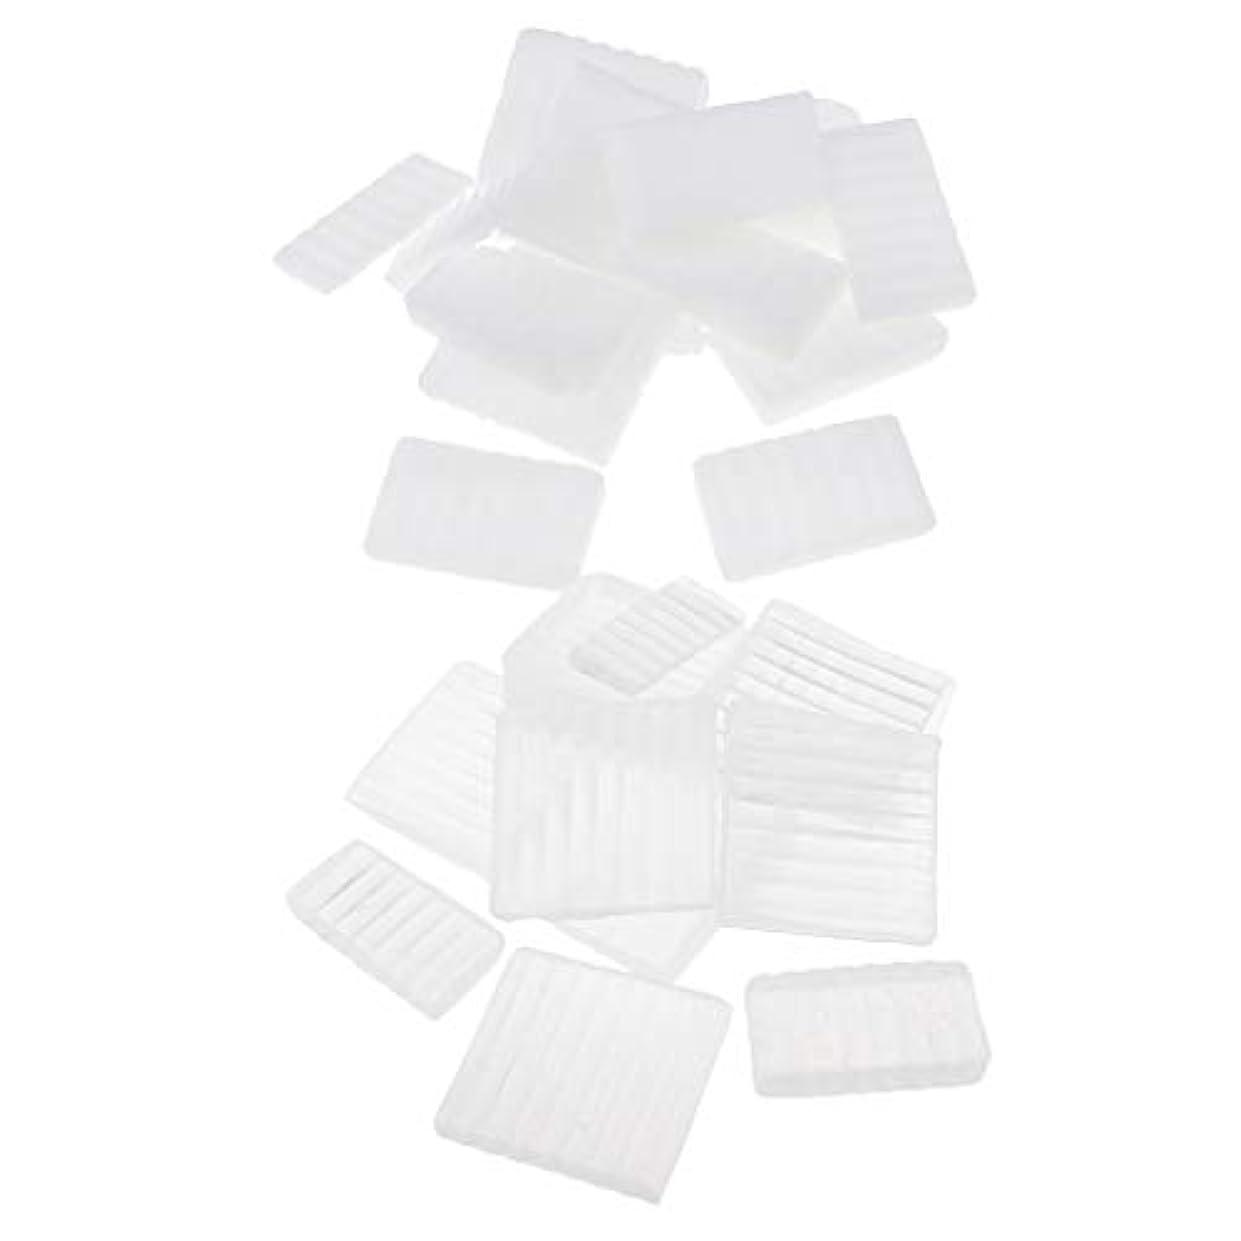 相関するシュートアサーdailymall 石鹸ベース ソープメイキング素材 ソープ グリセリンソープ ハンドメイド 石鹸材料